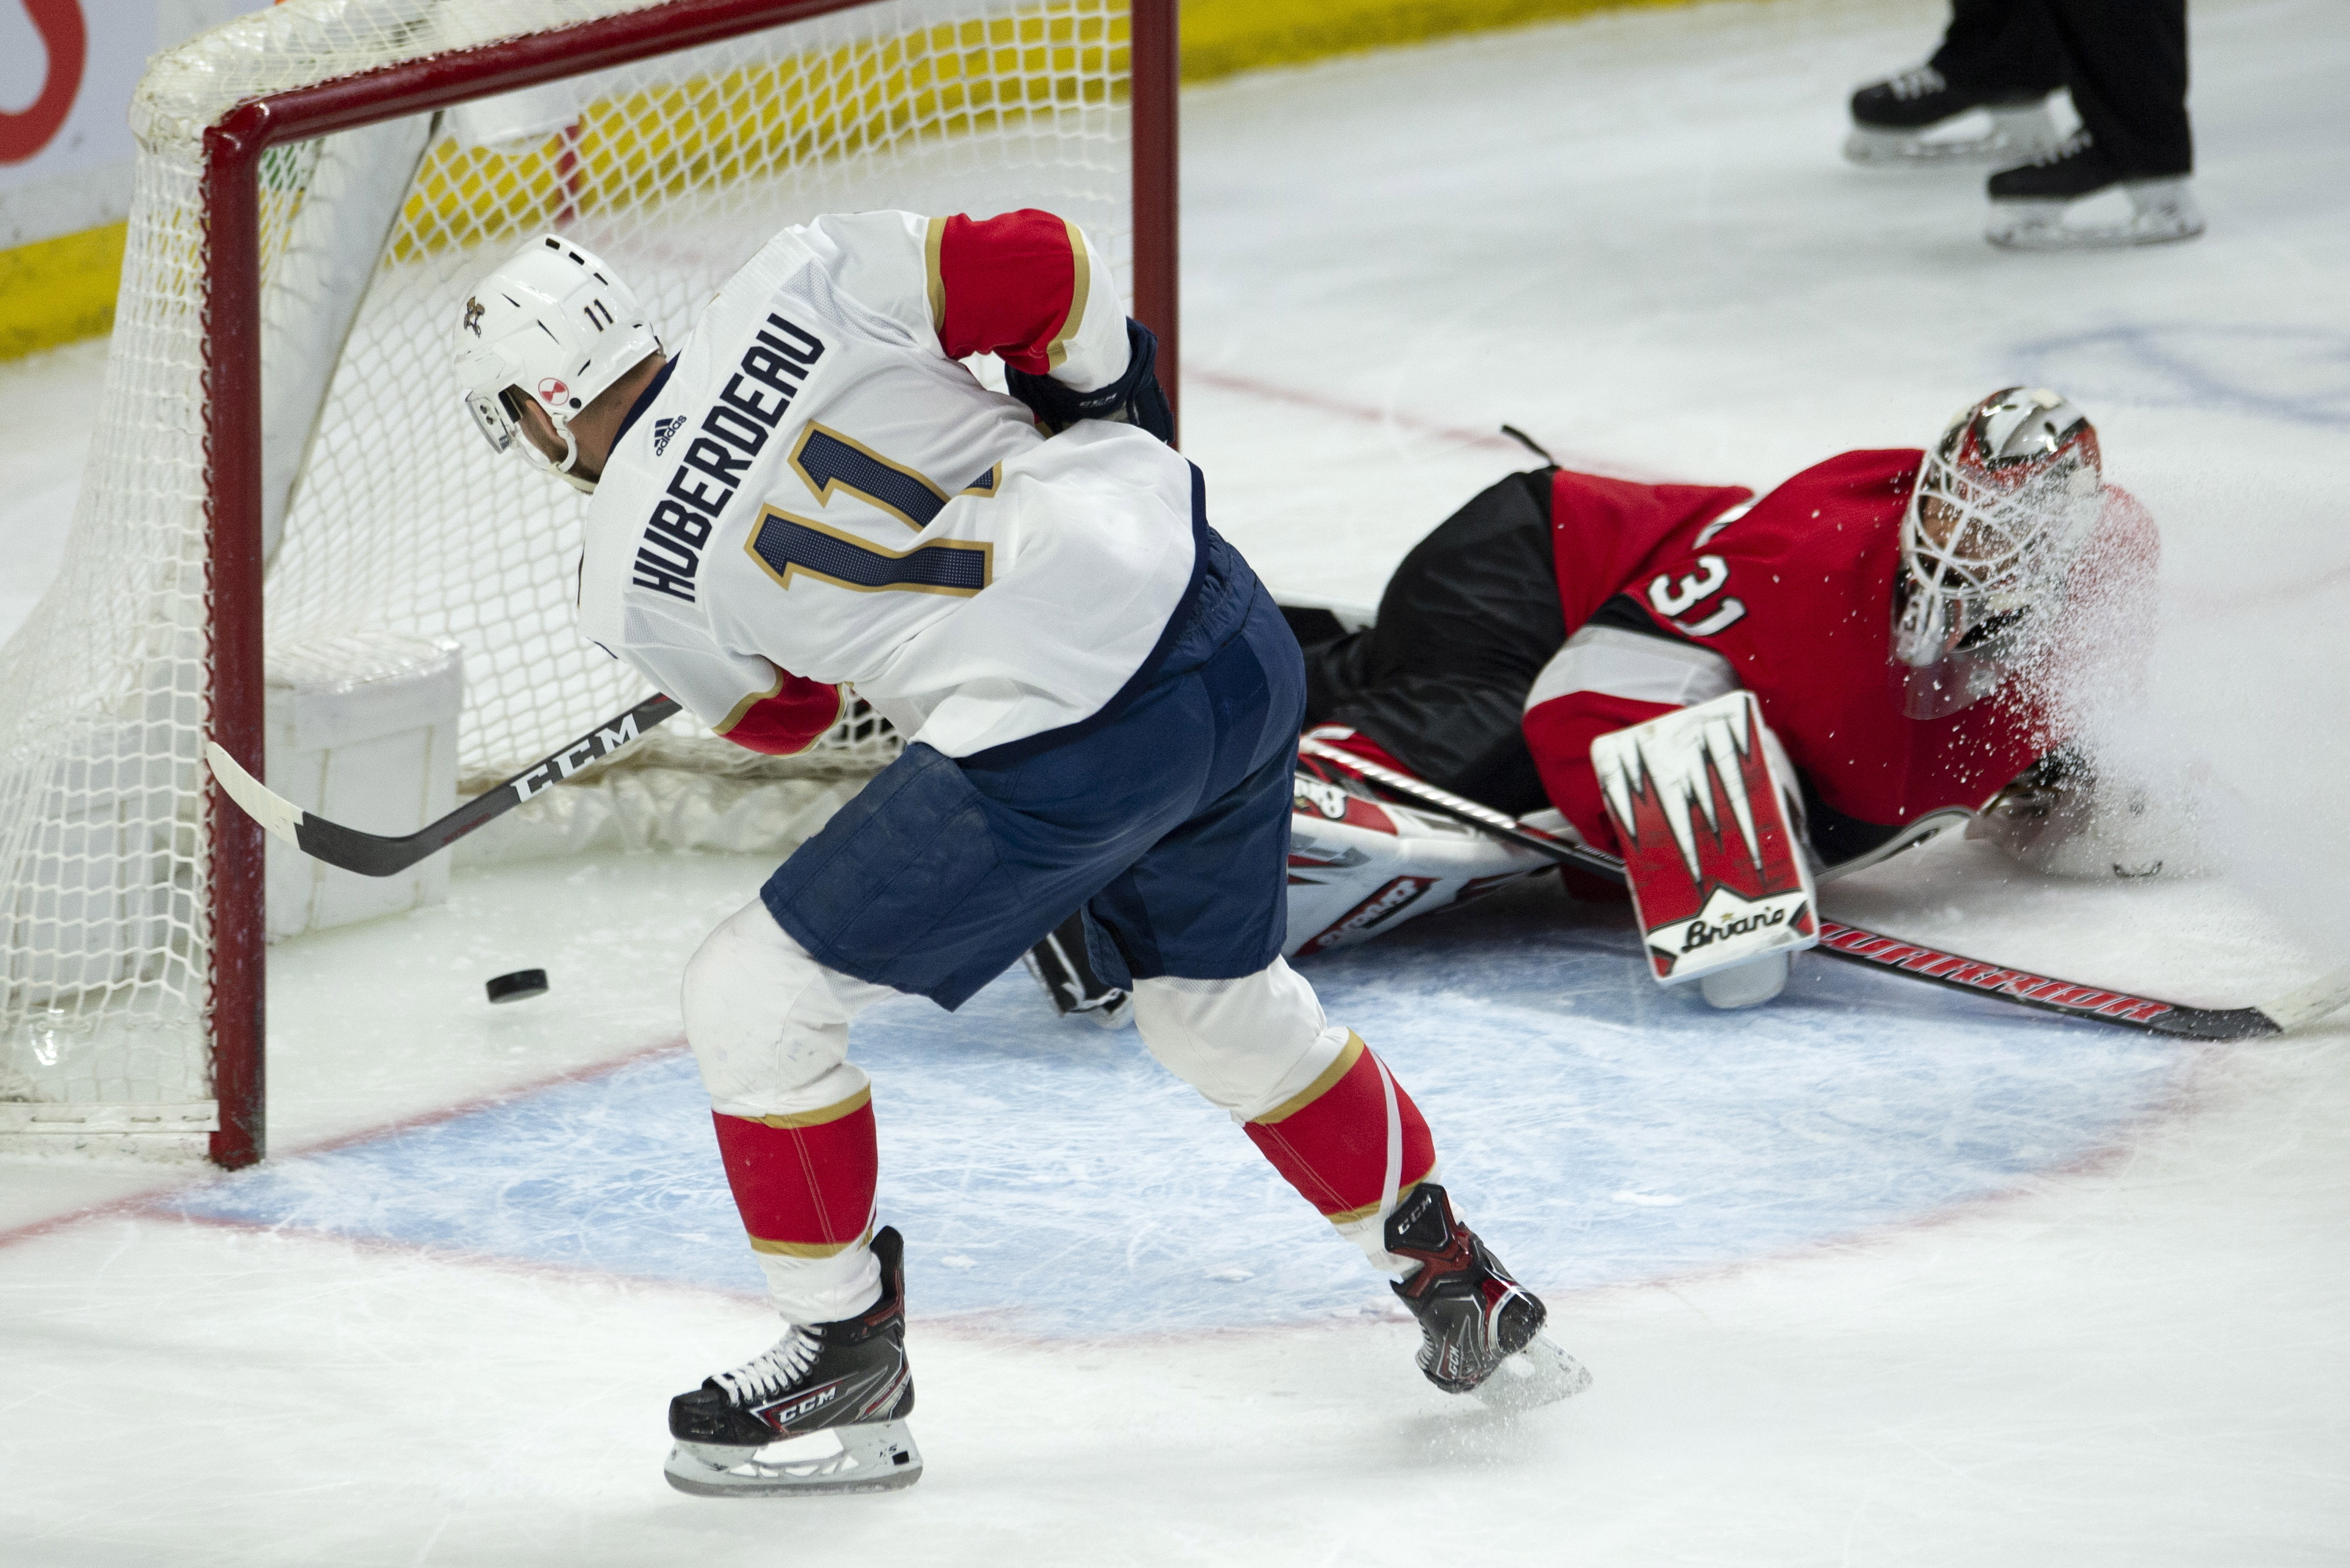 Huberdeau scores twice, Panthers beat Senators 5-2